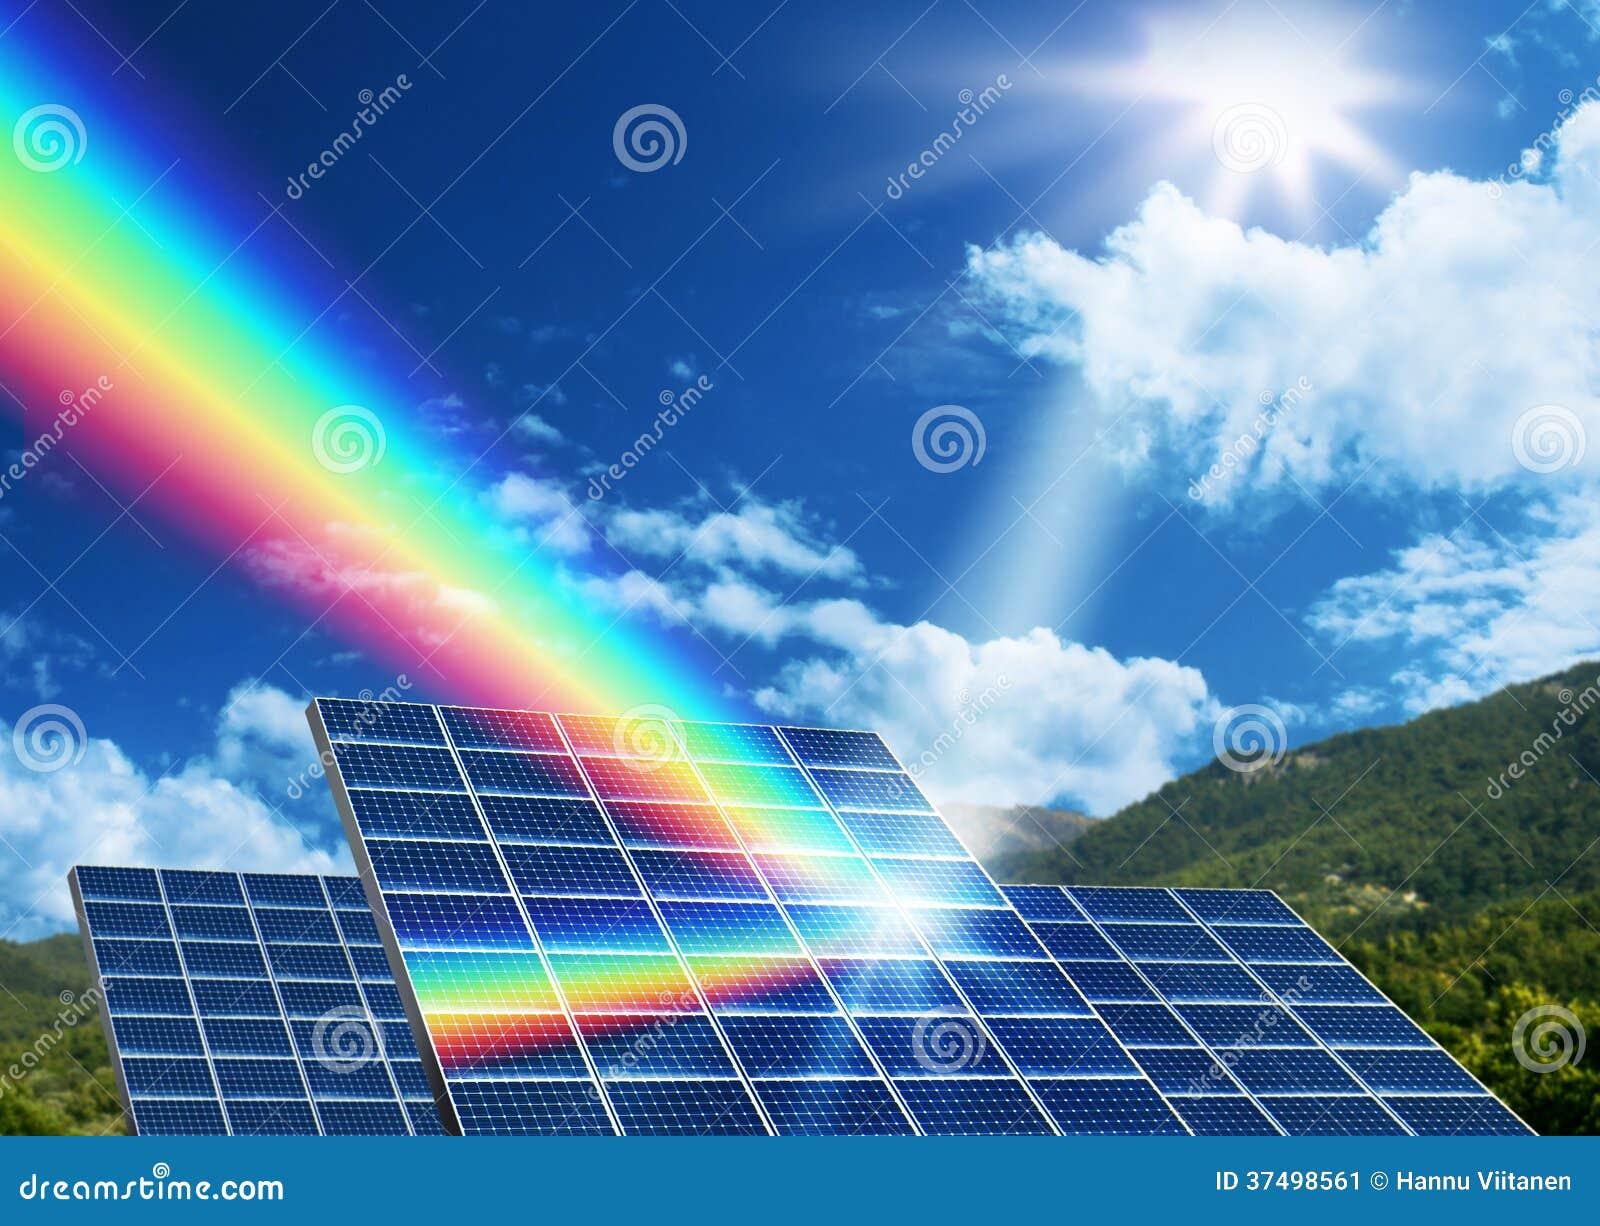 Concepto De Energía Solar De La Energía Renovable Imagen de ...